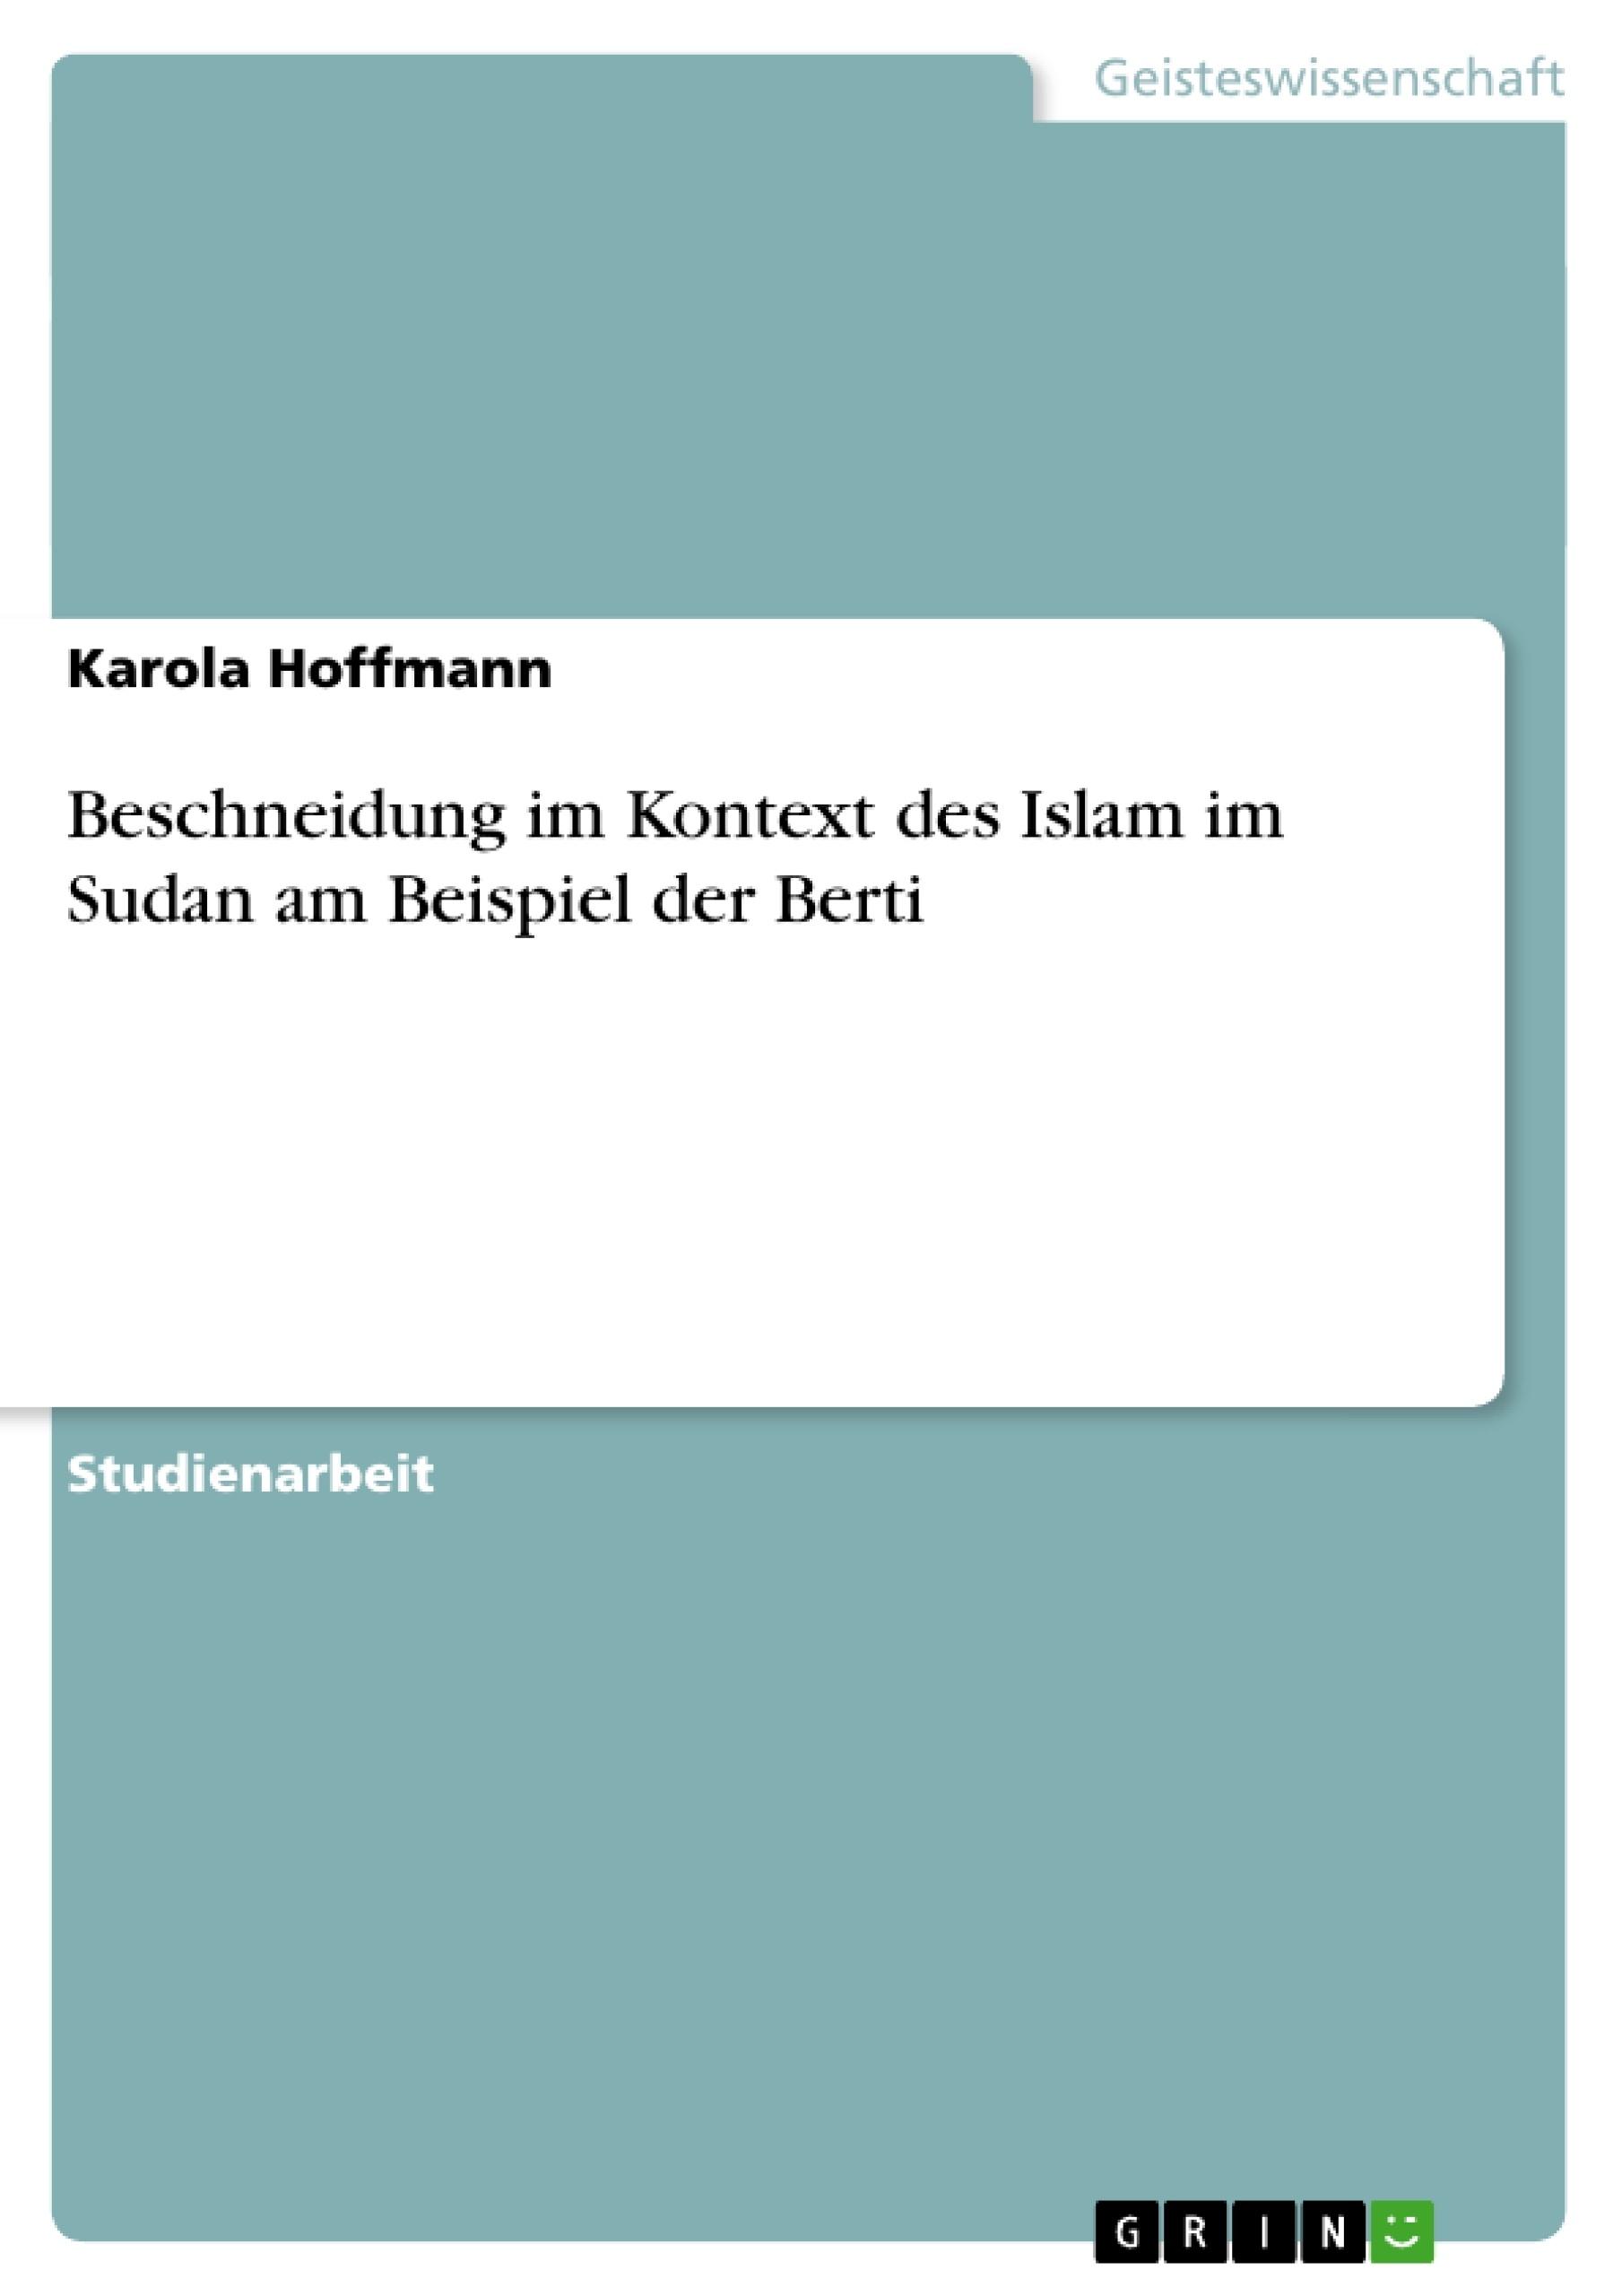 Titel: Beschneidung im Kontext des Islam im Sudan am Beispiel der Berti